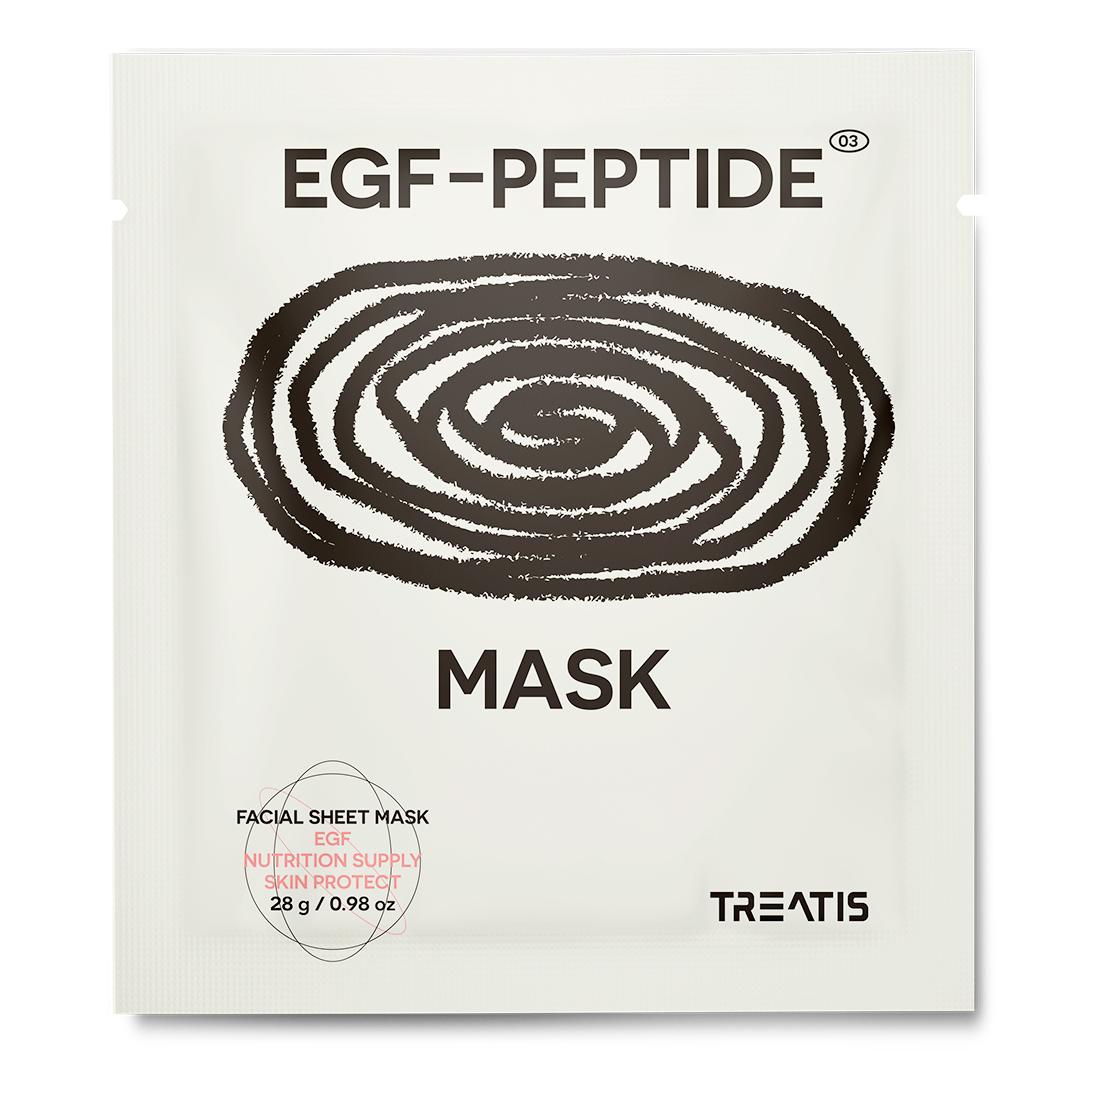 リニューアル 韓国美容皮膚科ブランド 休日 Treatis EGF PEPTIDE MASK PACK ドクターズコスメ 再生 保障 ペプチドマスクパック シートマスク 保湿 栄養 10枚入